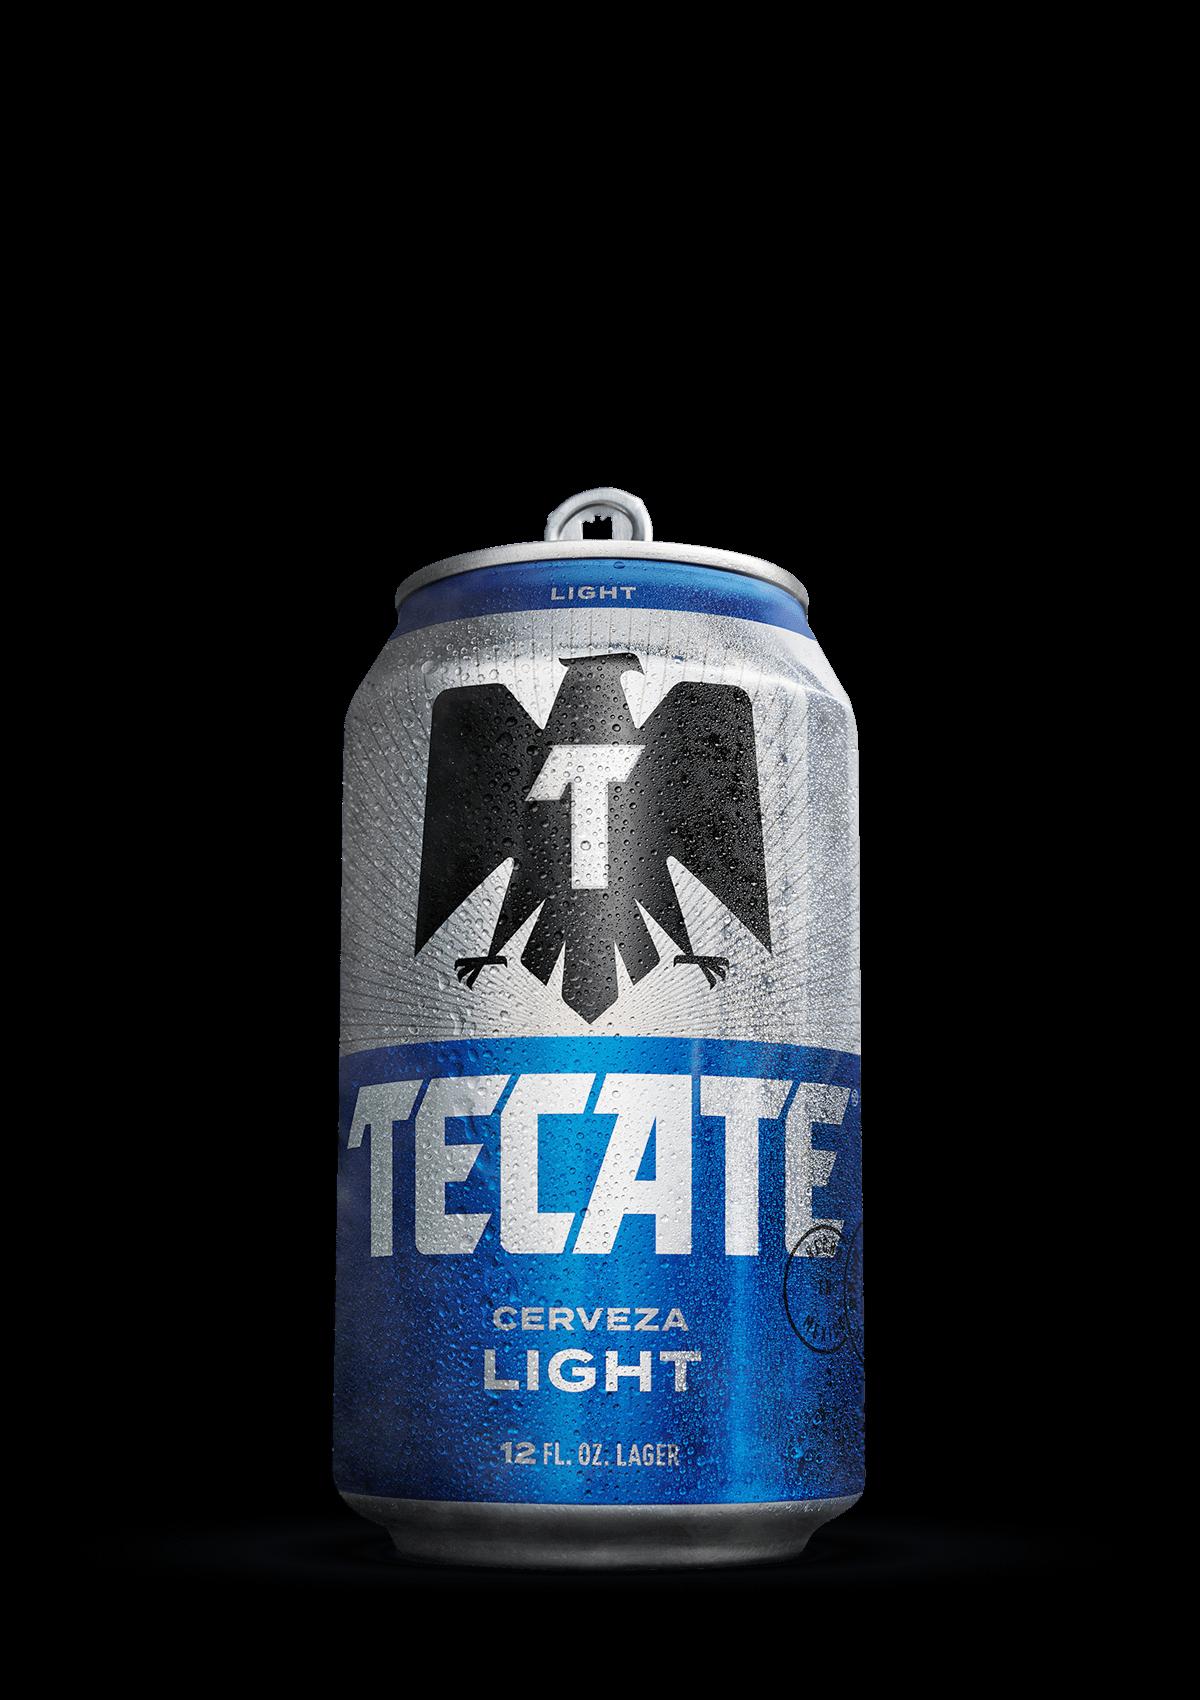 Tecate Light Cervaza 24/12 oz cans